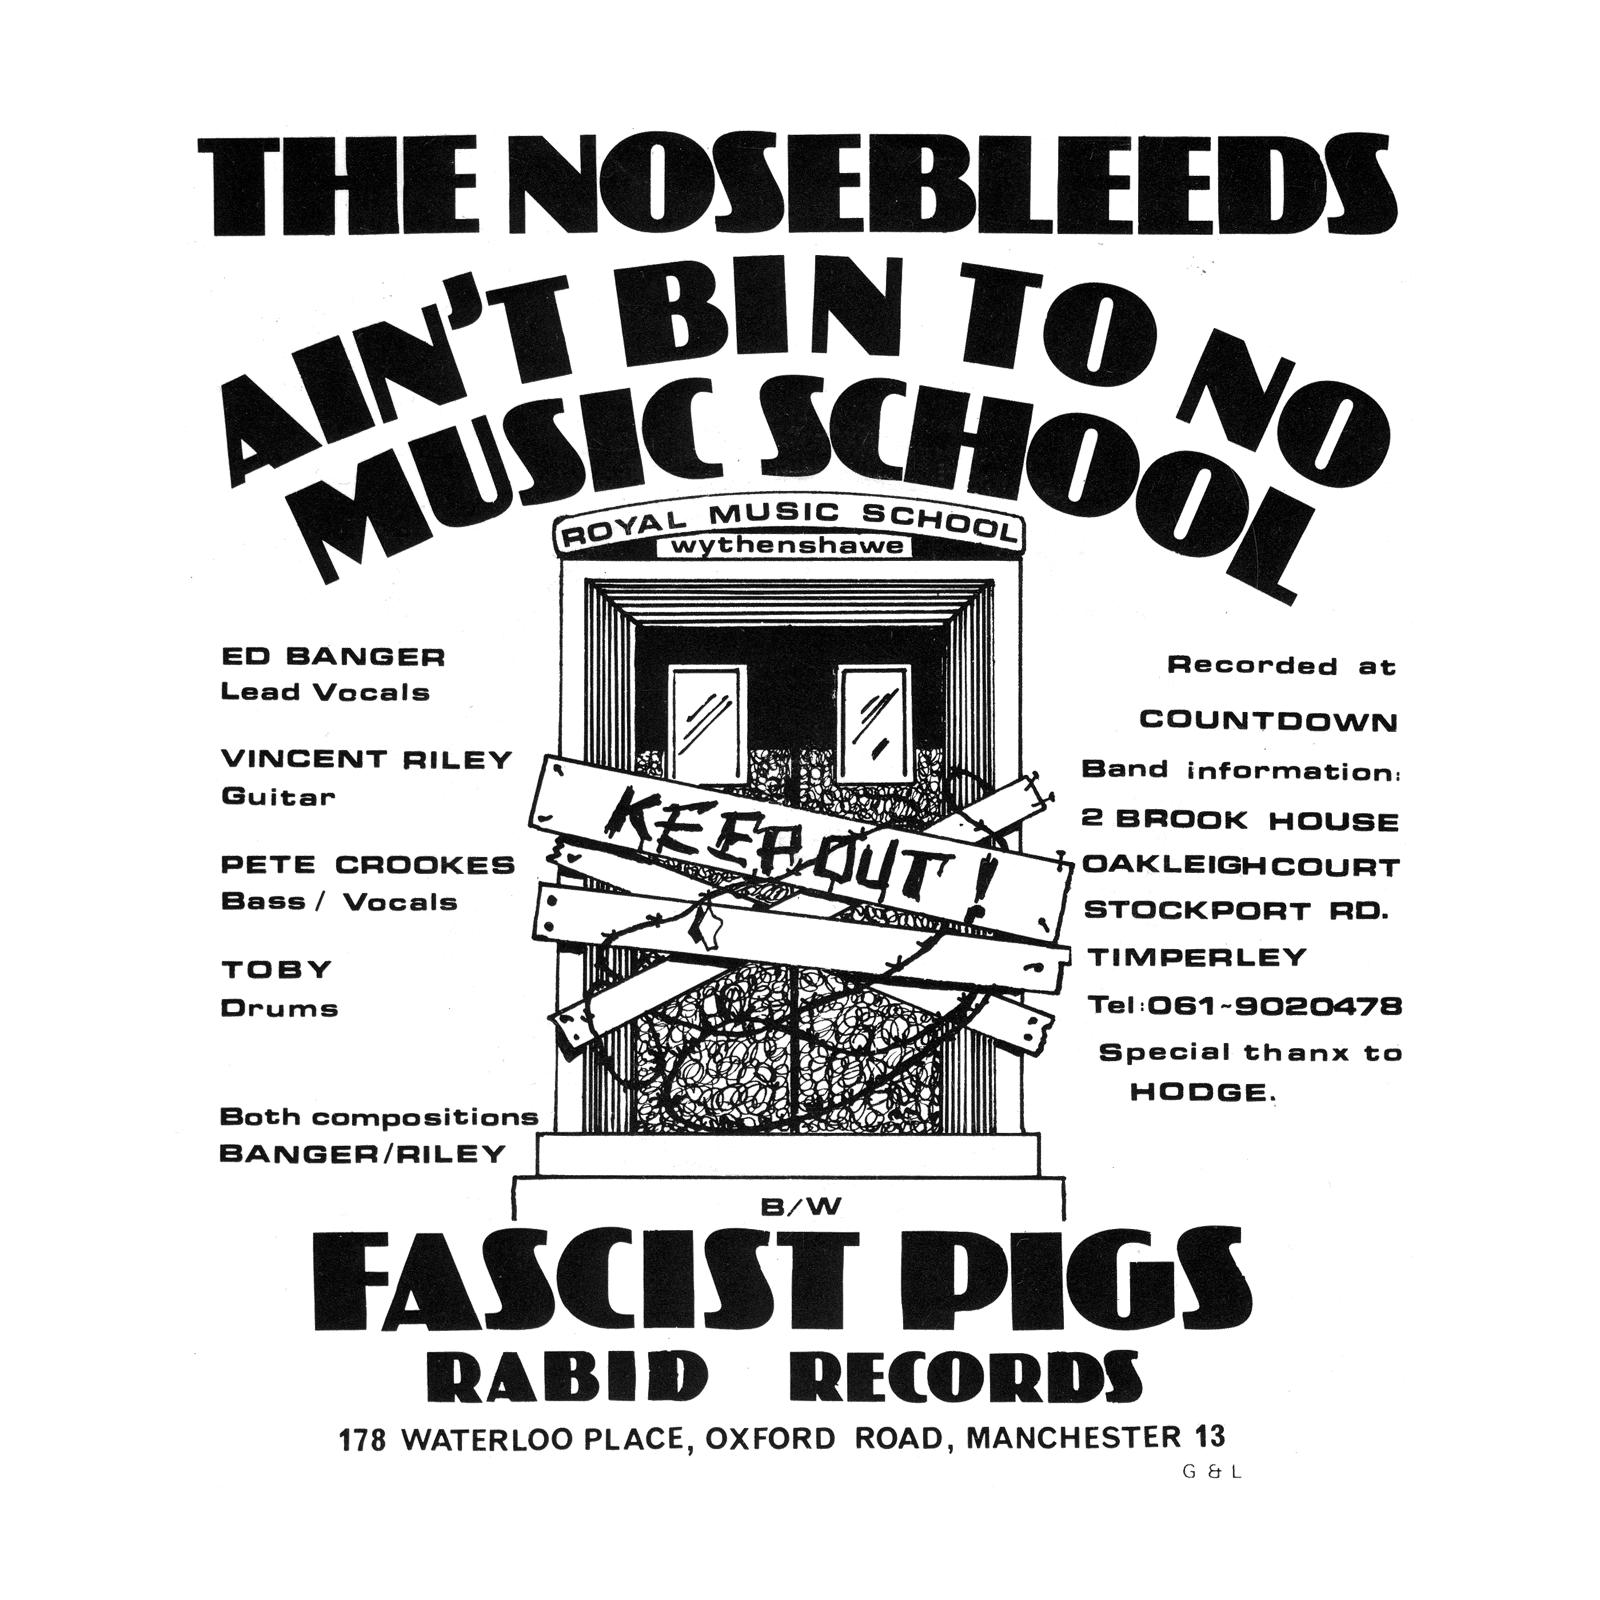 The Nosebleeds Aint Bin To No Music School